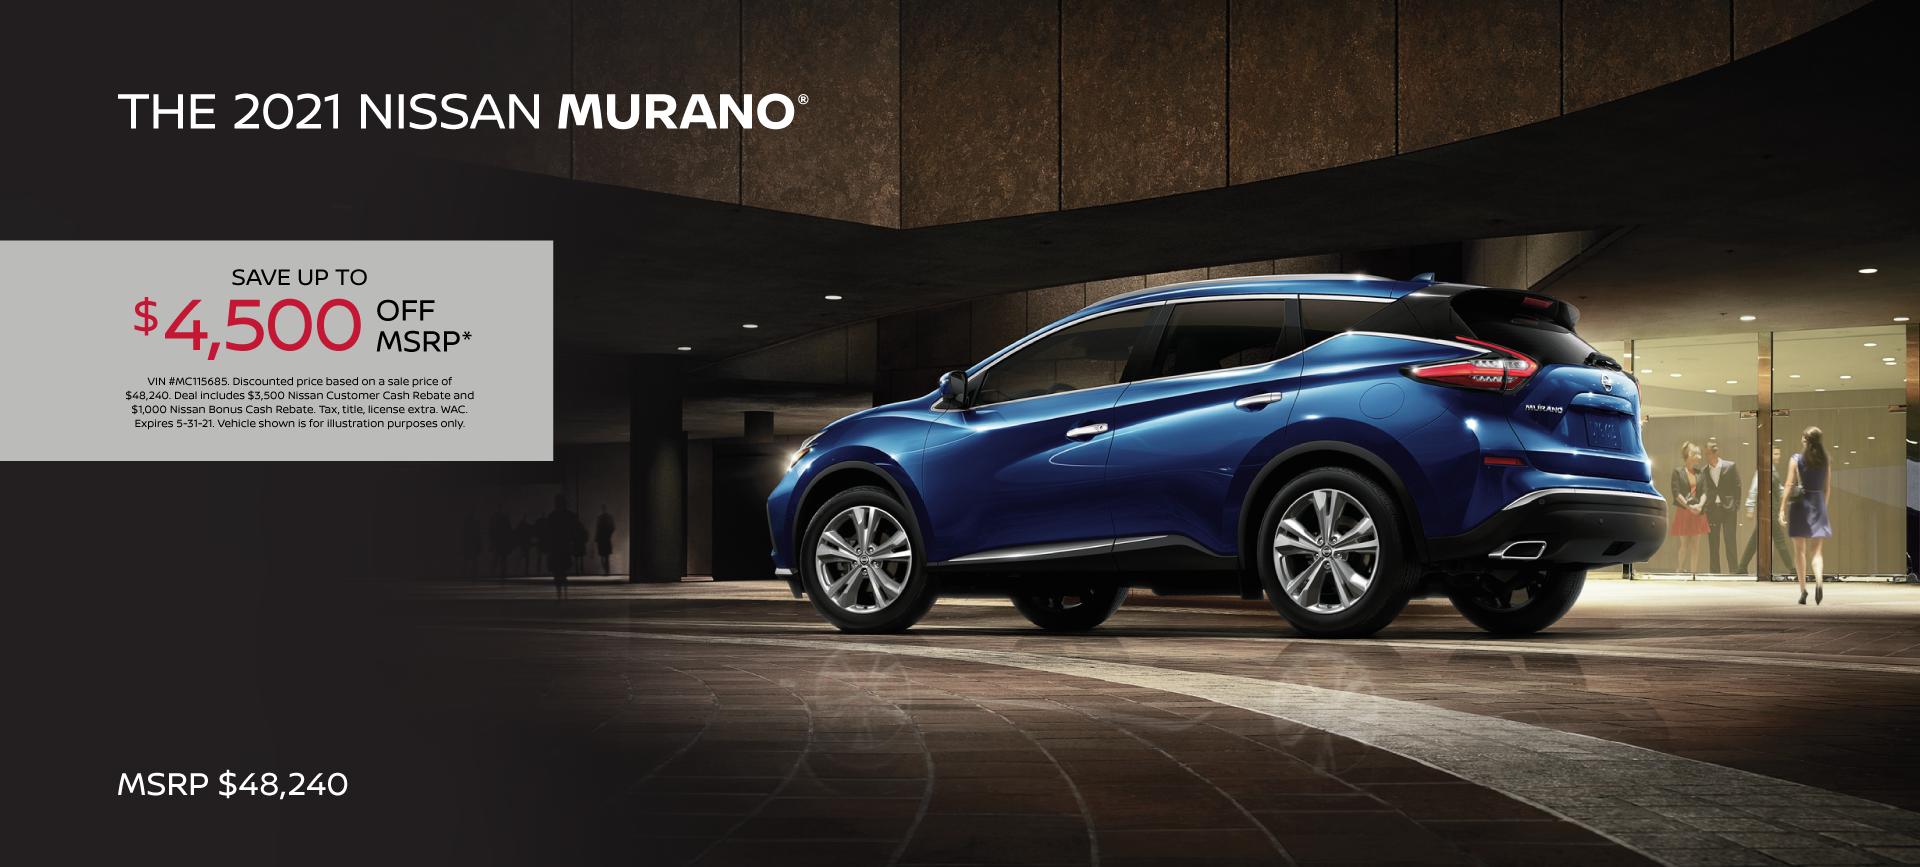 Nissan-Bellevue-OEM-0521_Murano